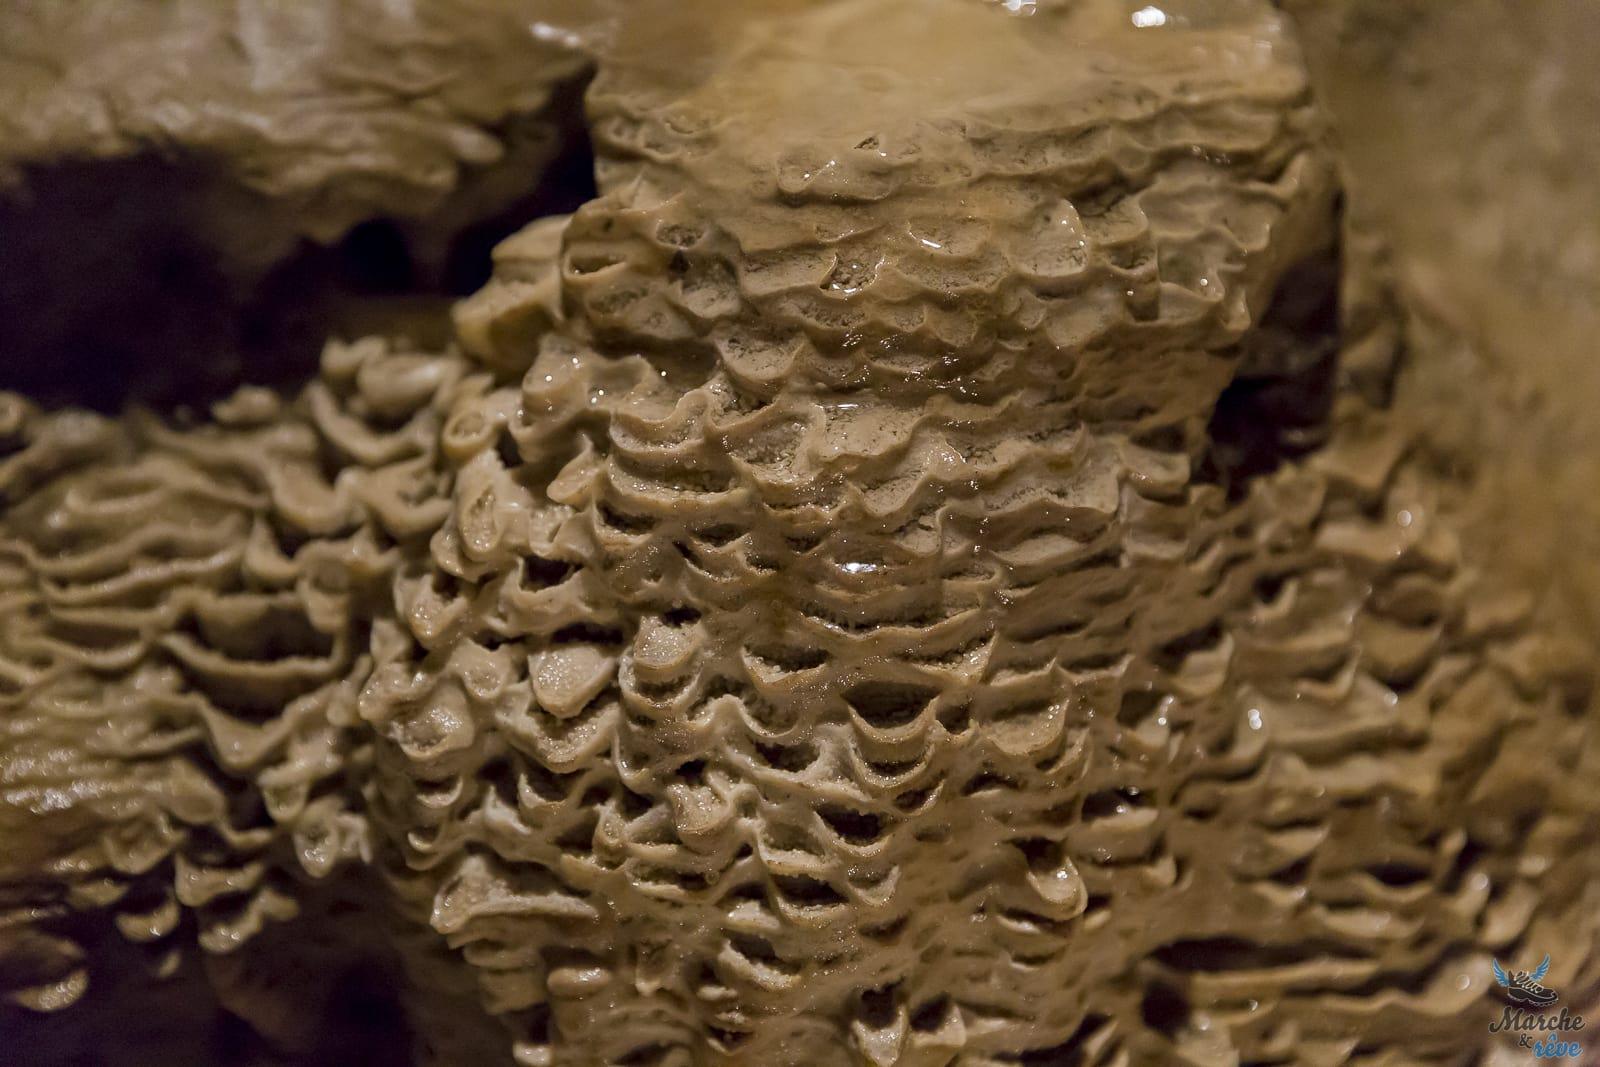 Visite de la grotte Margot